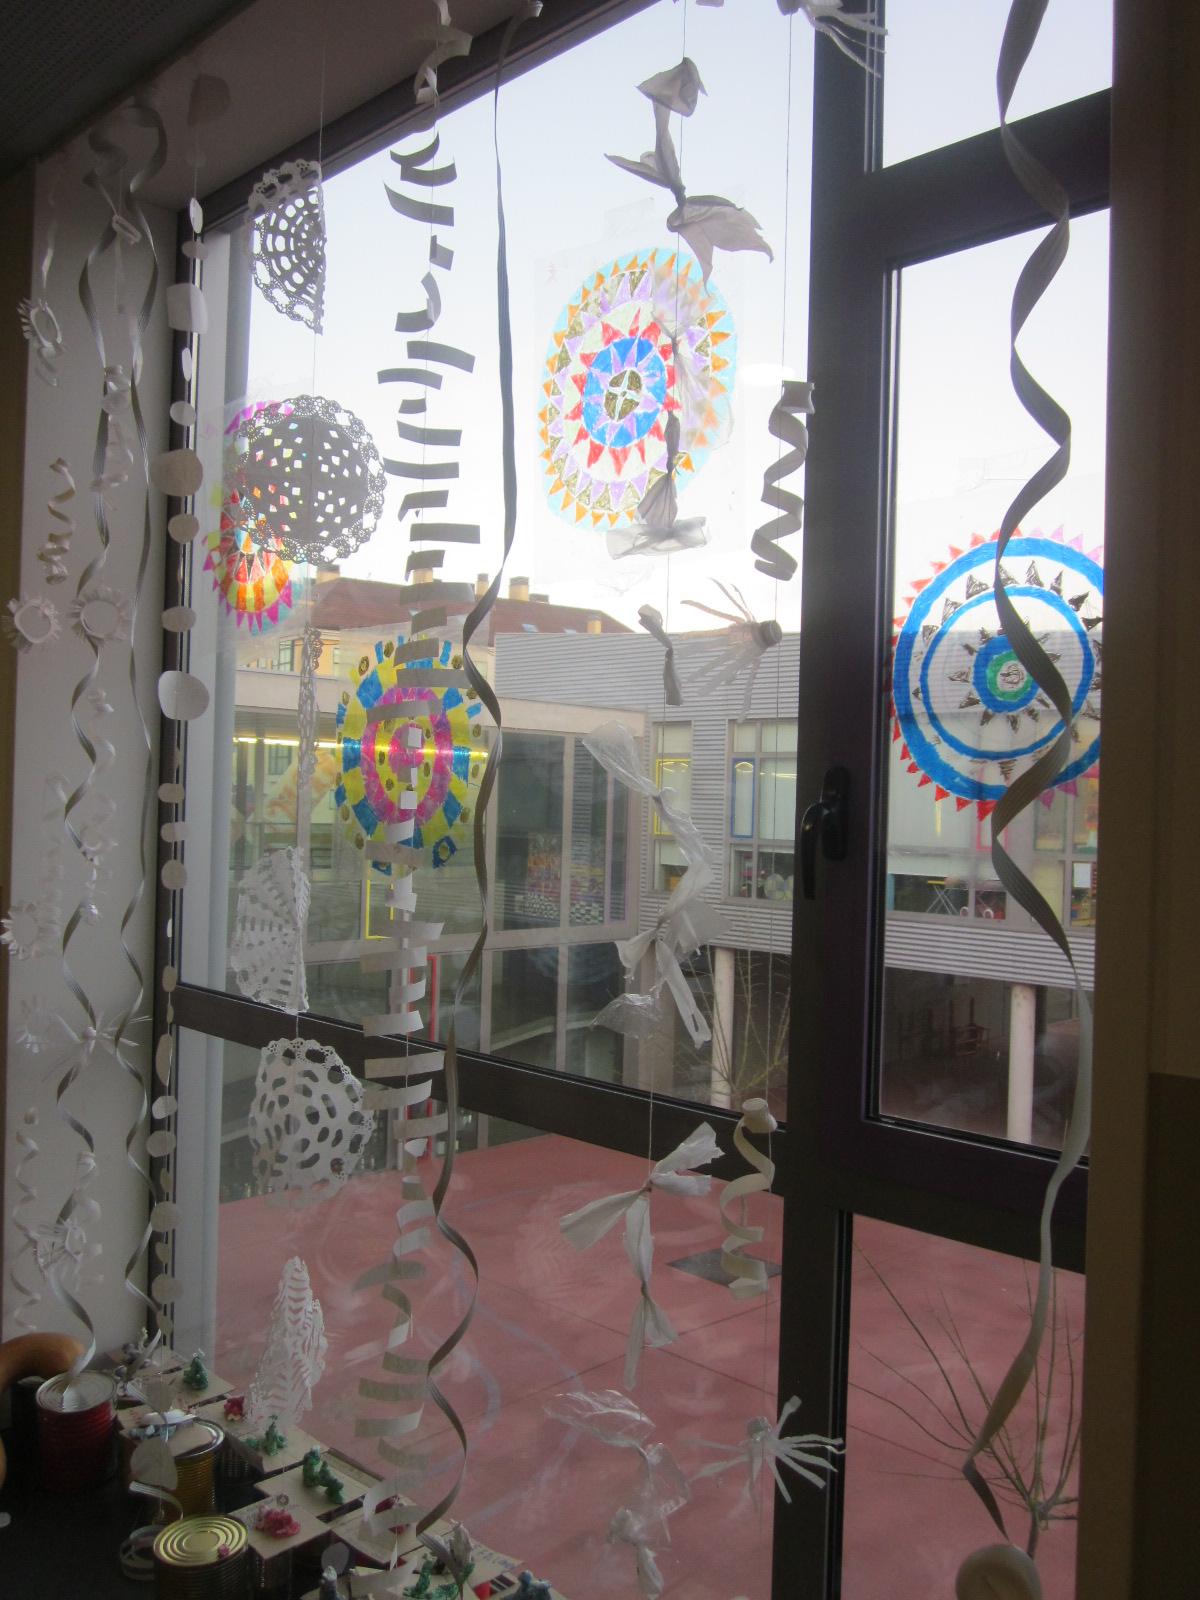 Decoracion Invierno Para Jardin Infantil ~   de leche blondas de papel estrellas y flores de vasos botes de yogurt